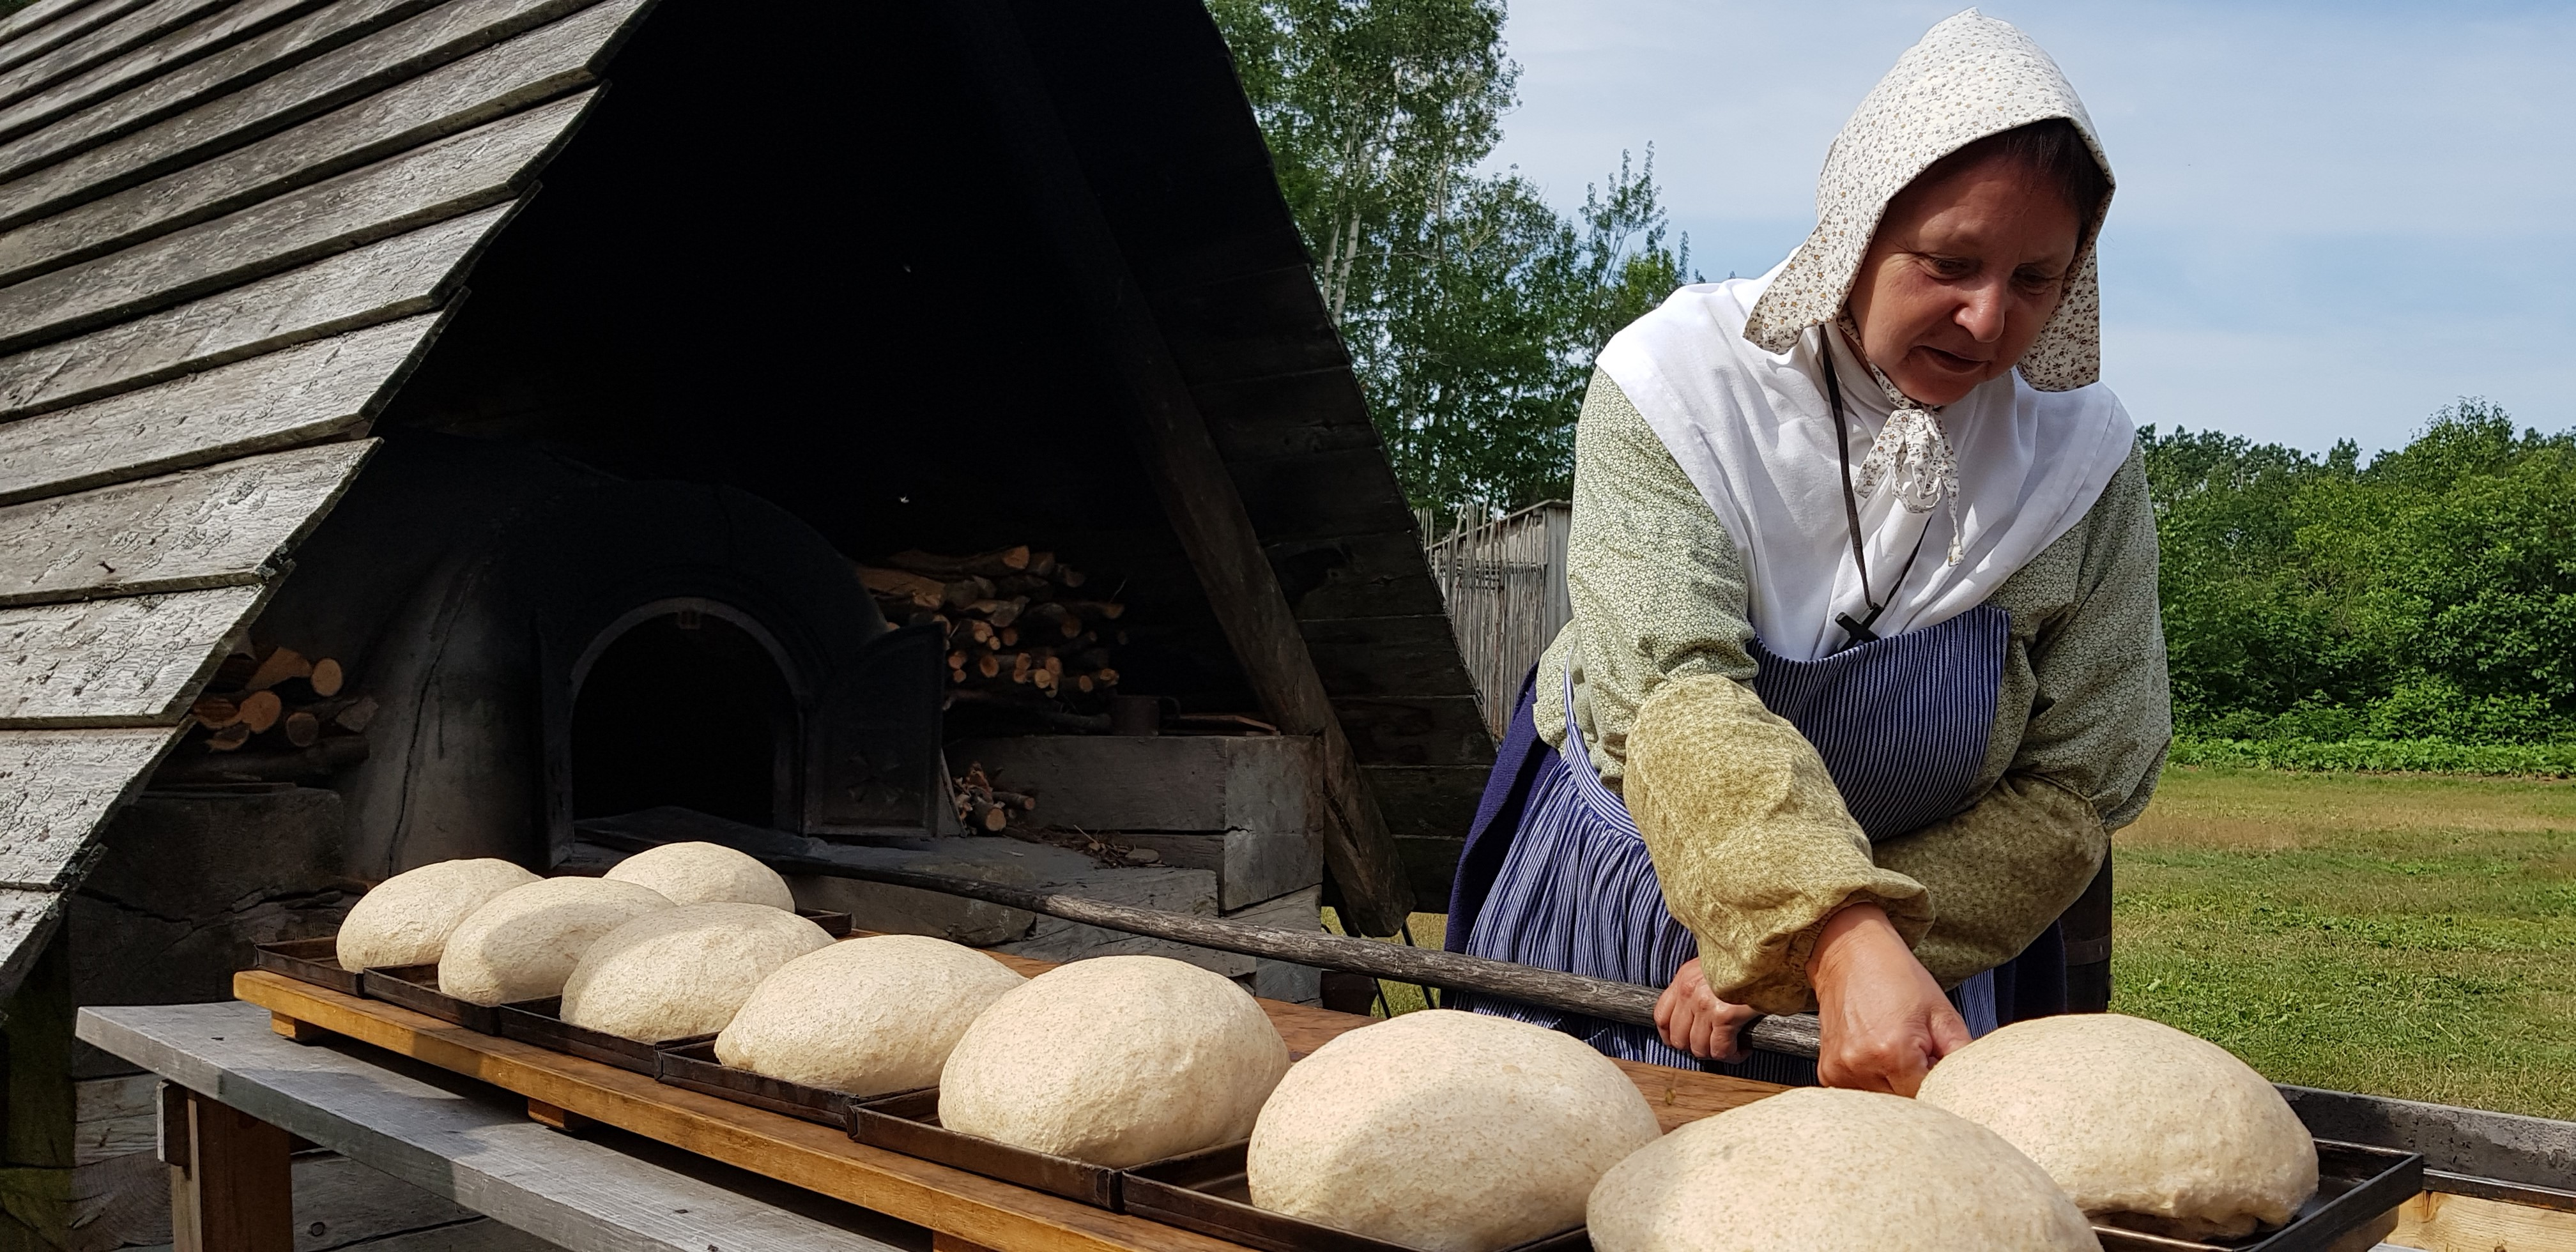 Boulangère travaillant son pain